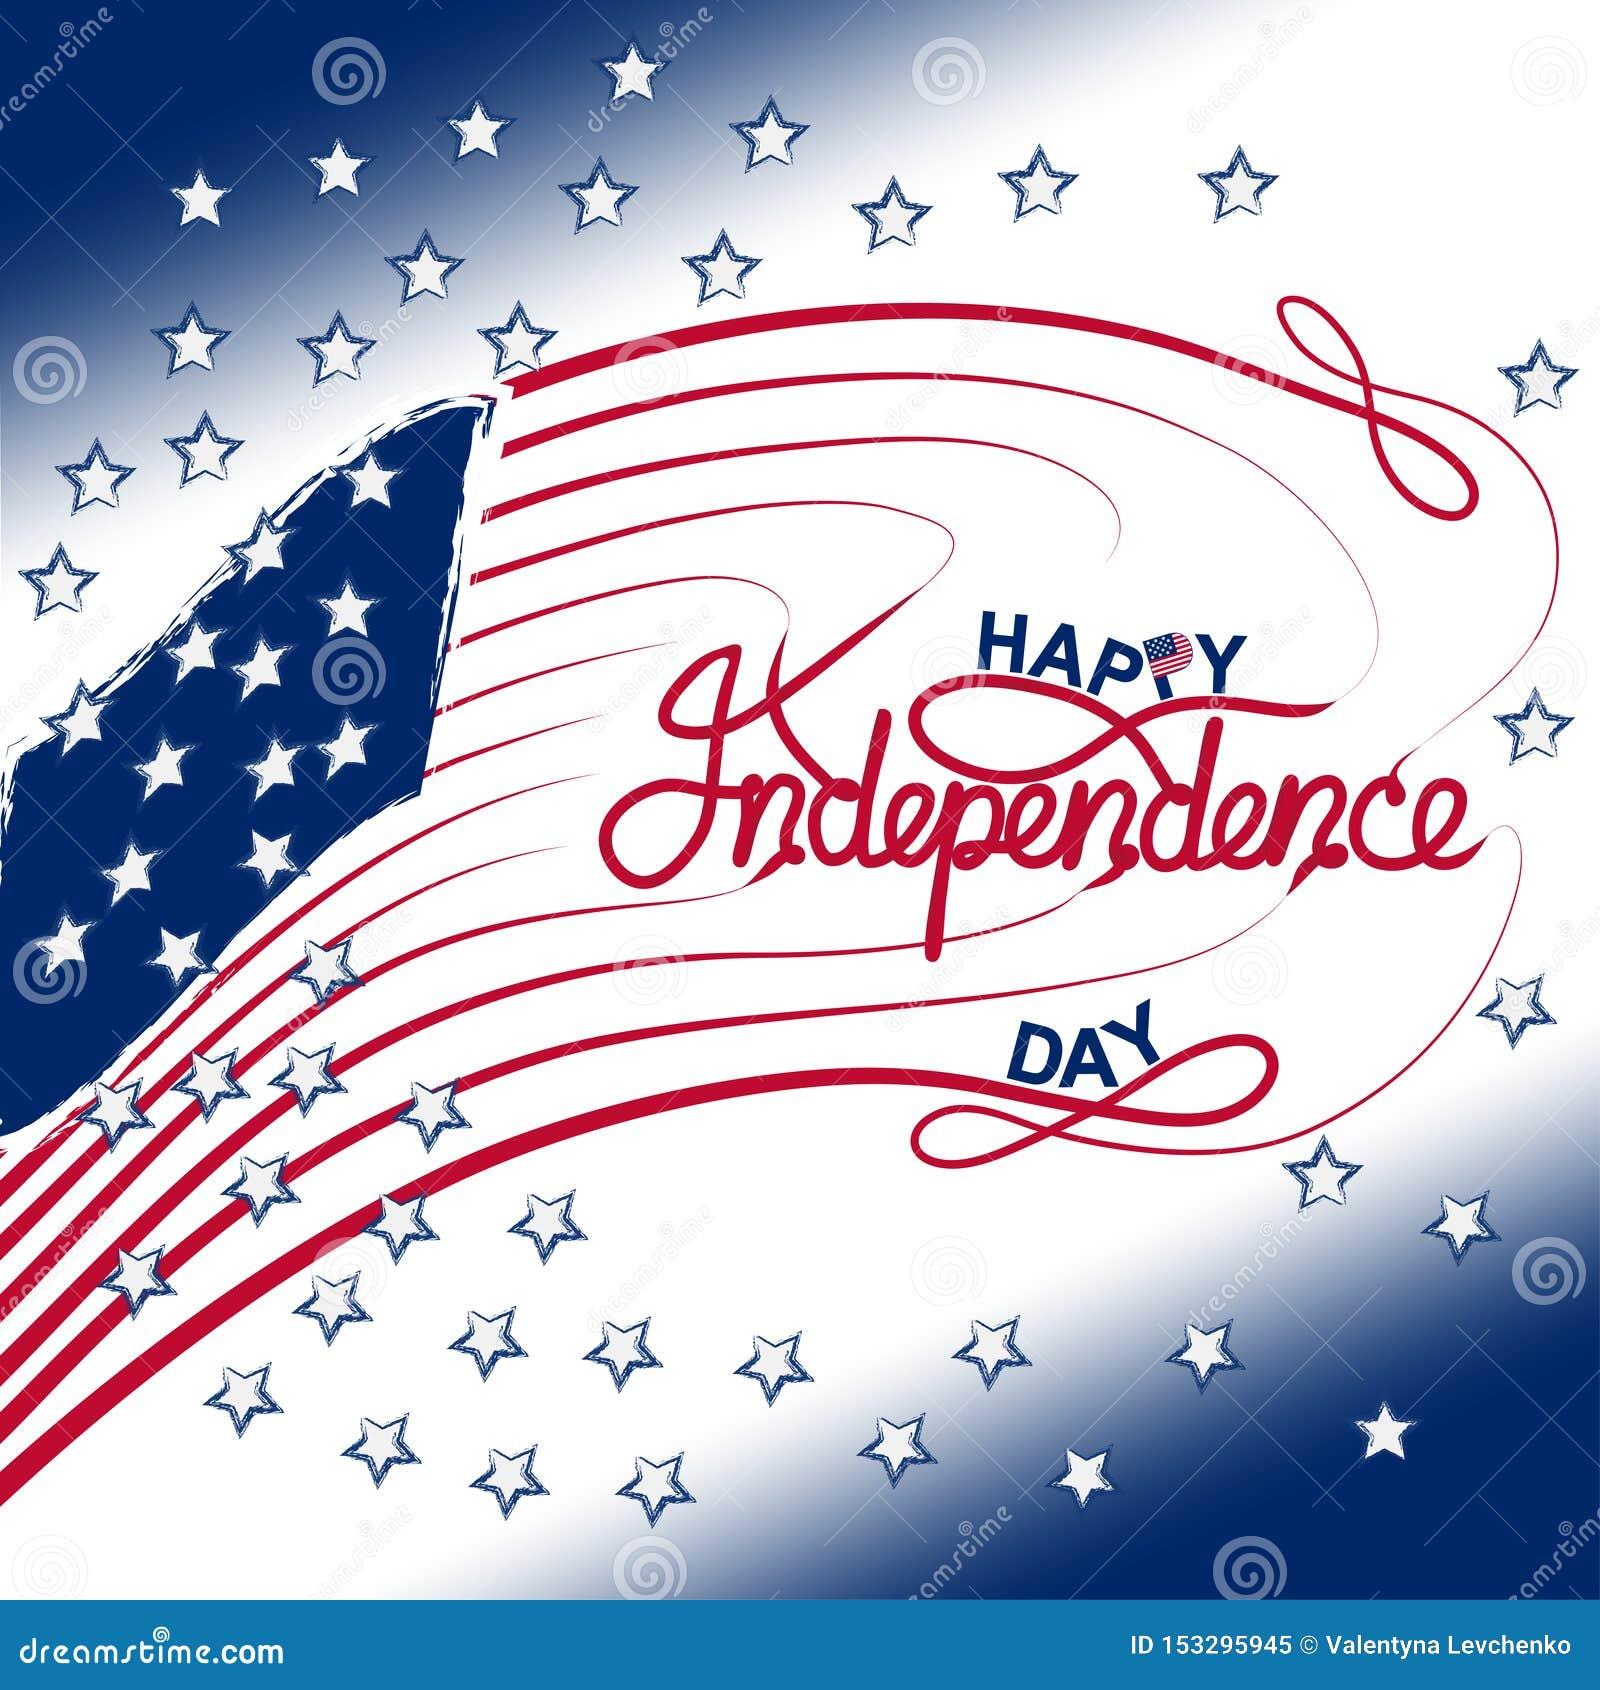 Juli 4. mit USA-Flagge, Unabh?ngigkeitstag-Fahnen-Vektorillustration